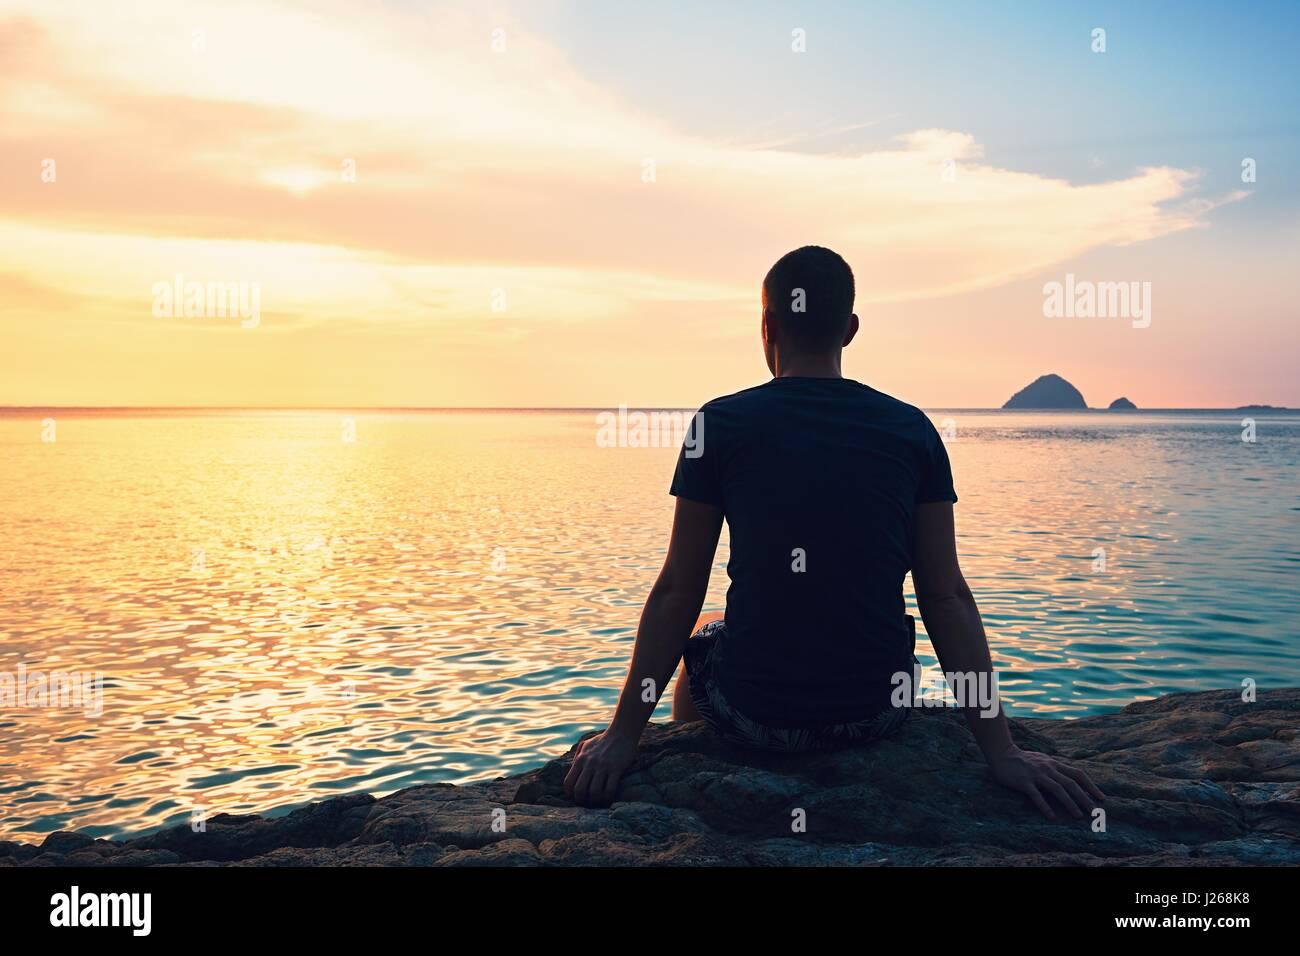 La contemplación en el hermoso atardecer. Silueta de la joven en la playa. Imagen De Stock